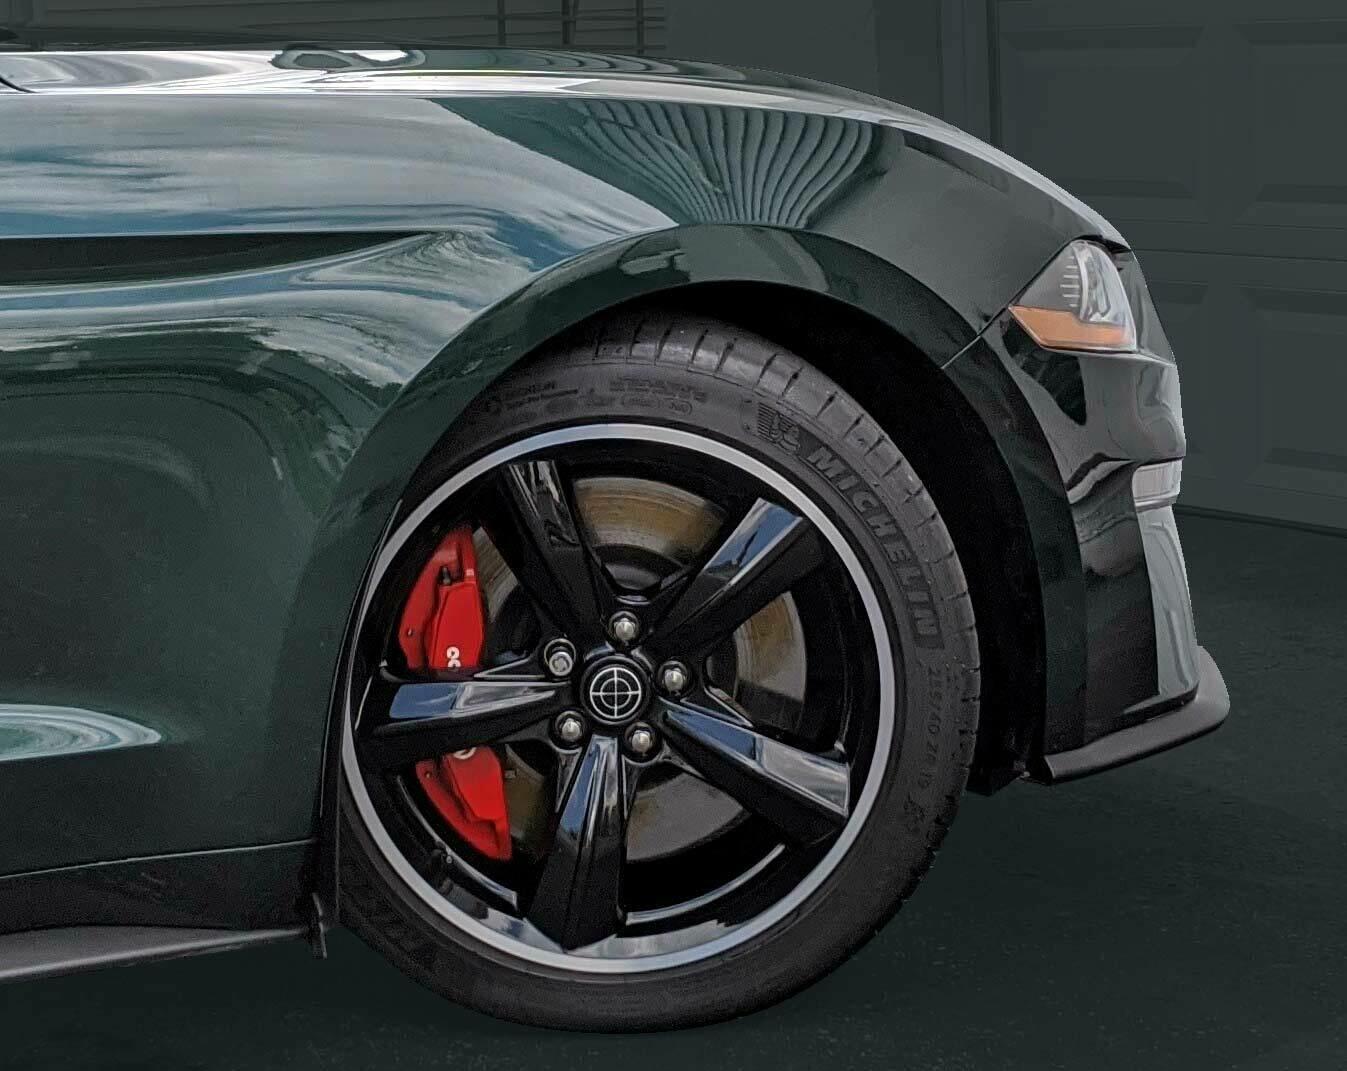 2020 Ford Mustang Bullitt Wheels